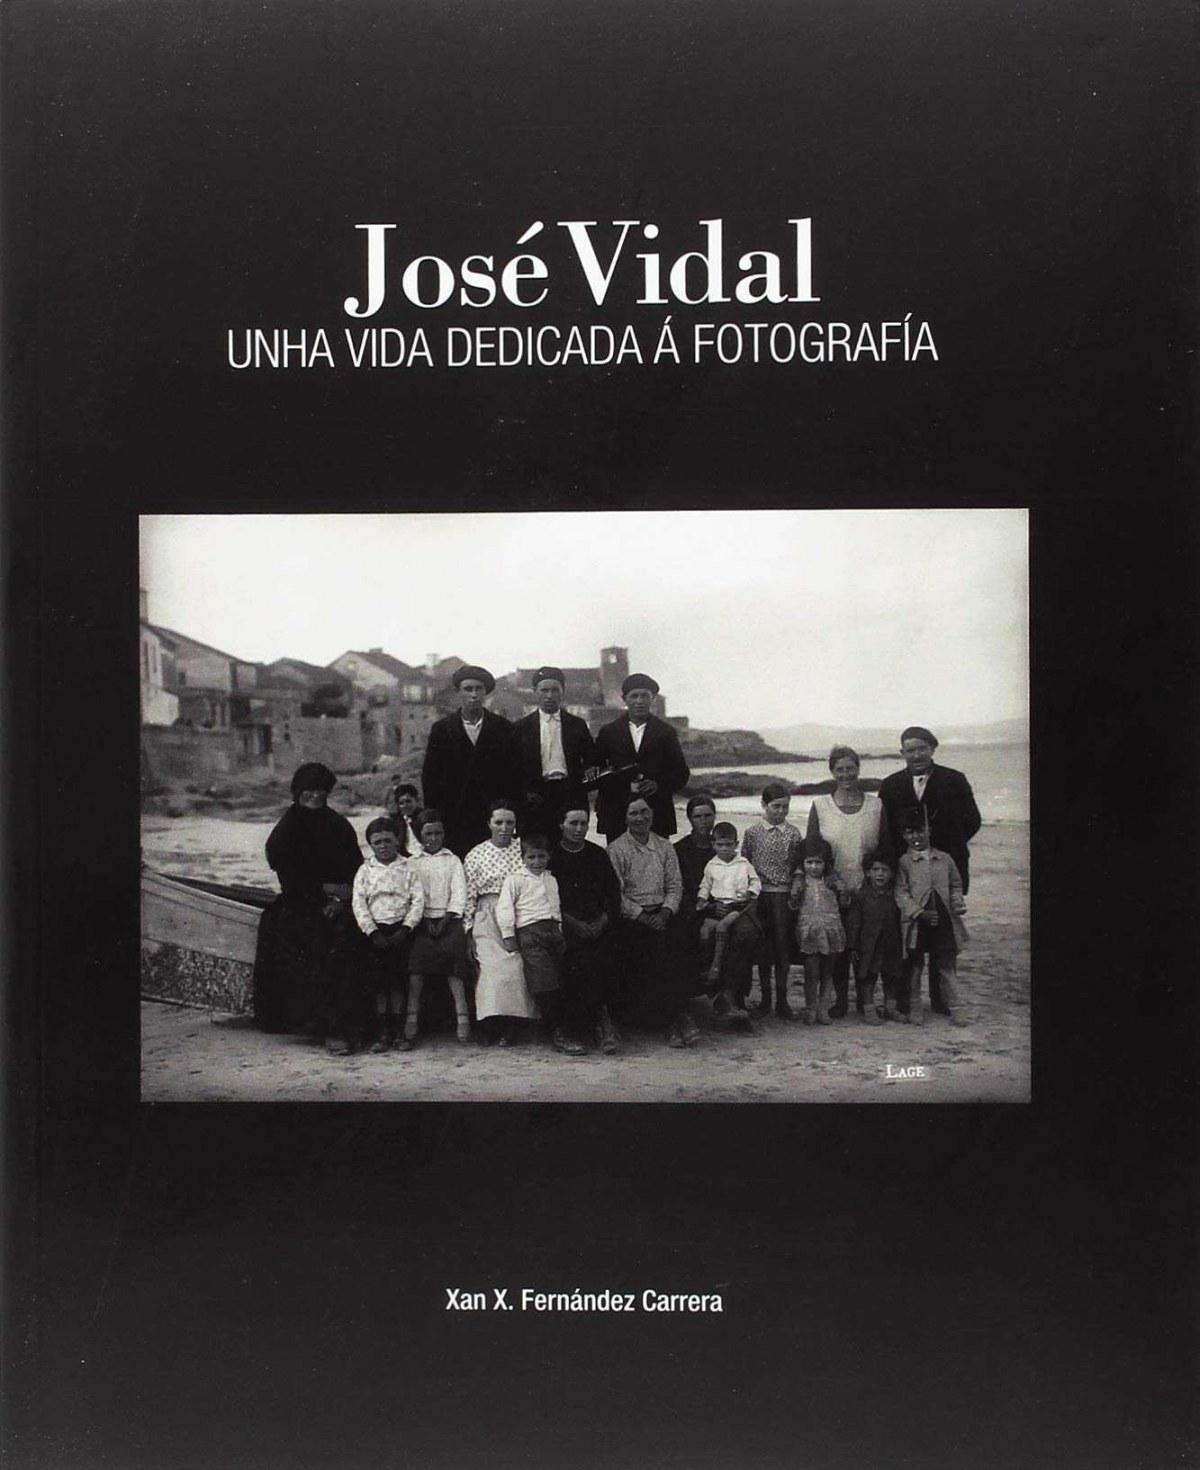 JOSÈ VIDAL